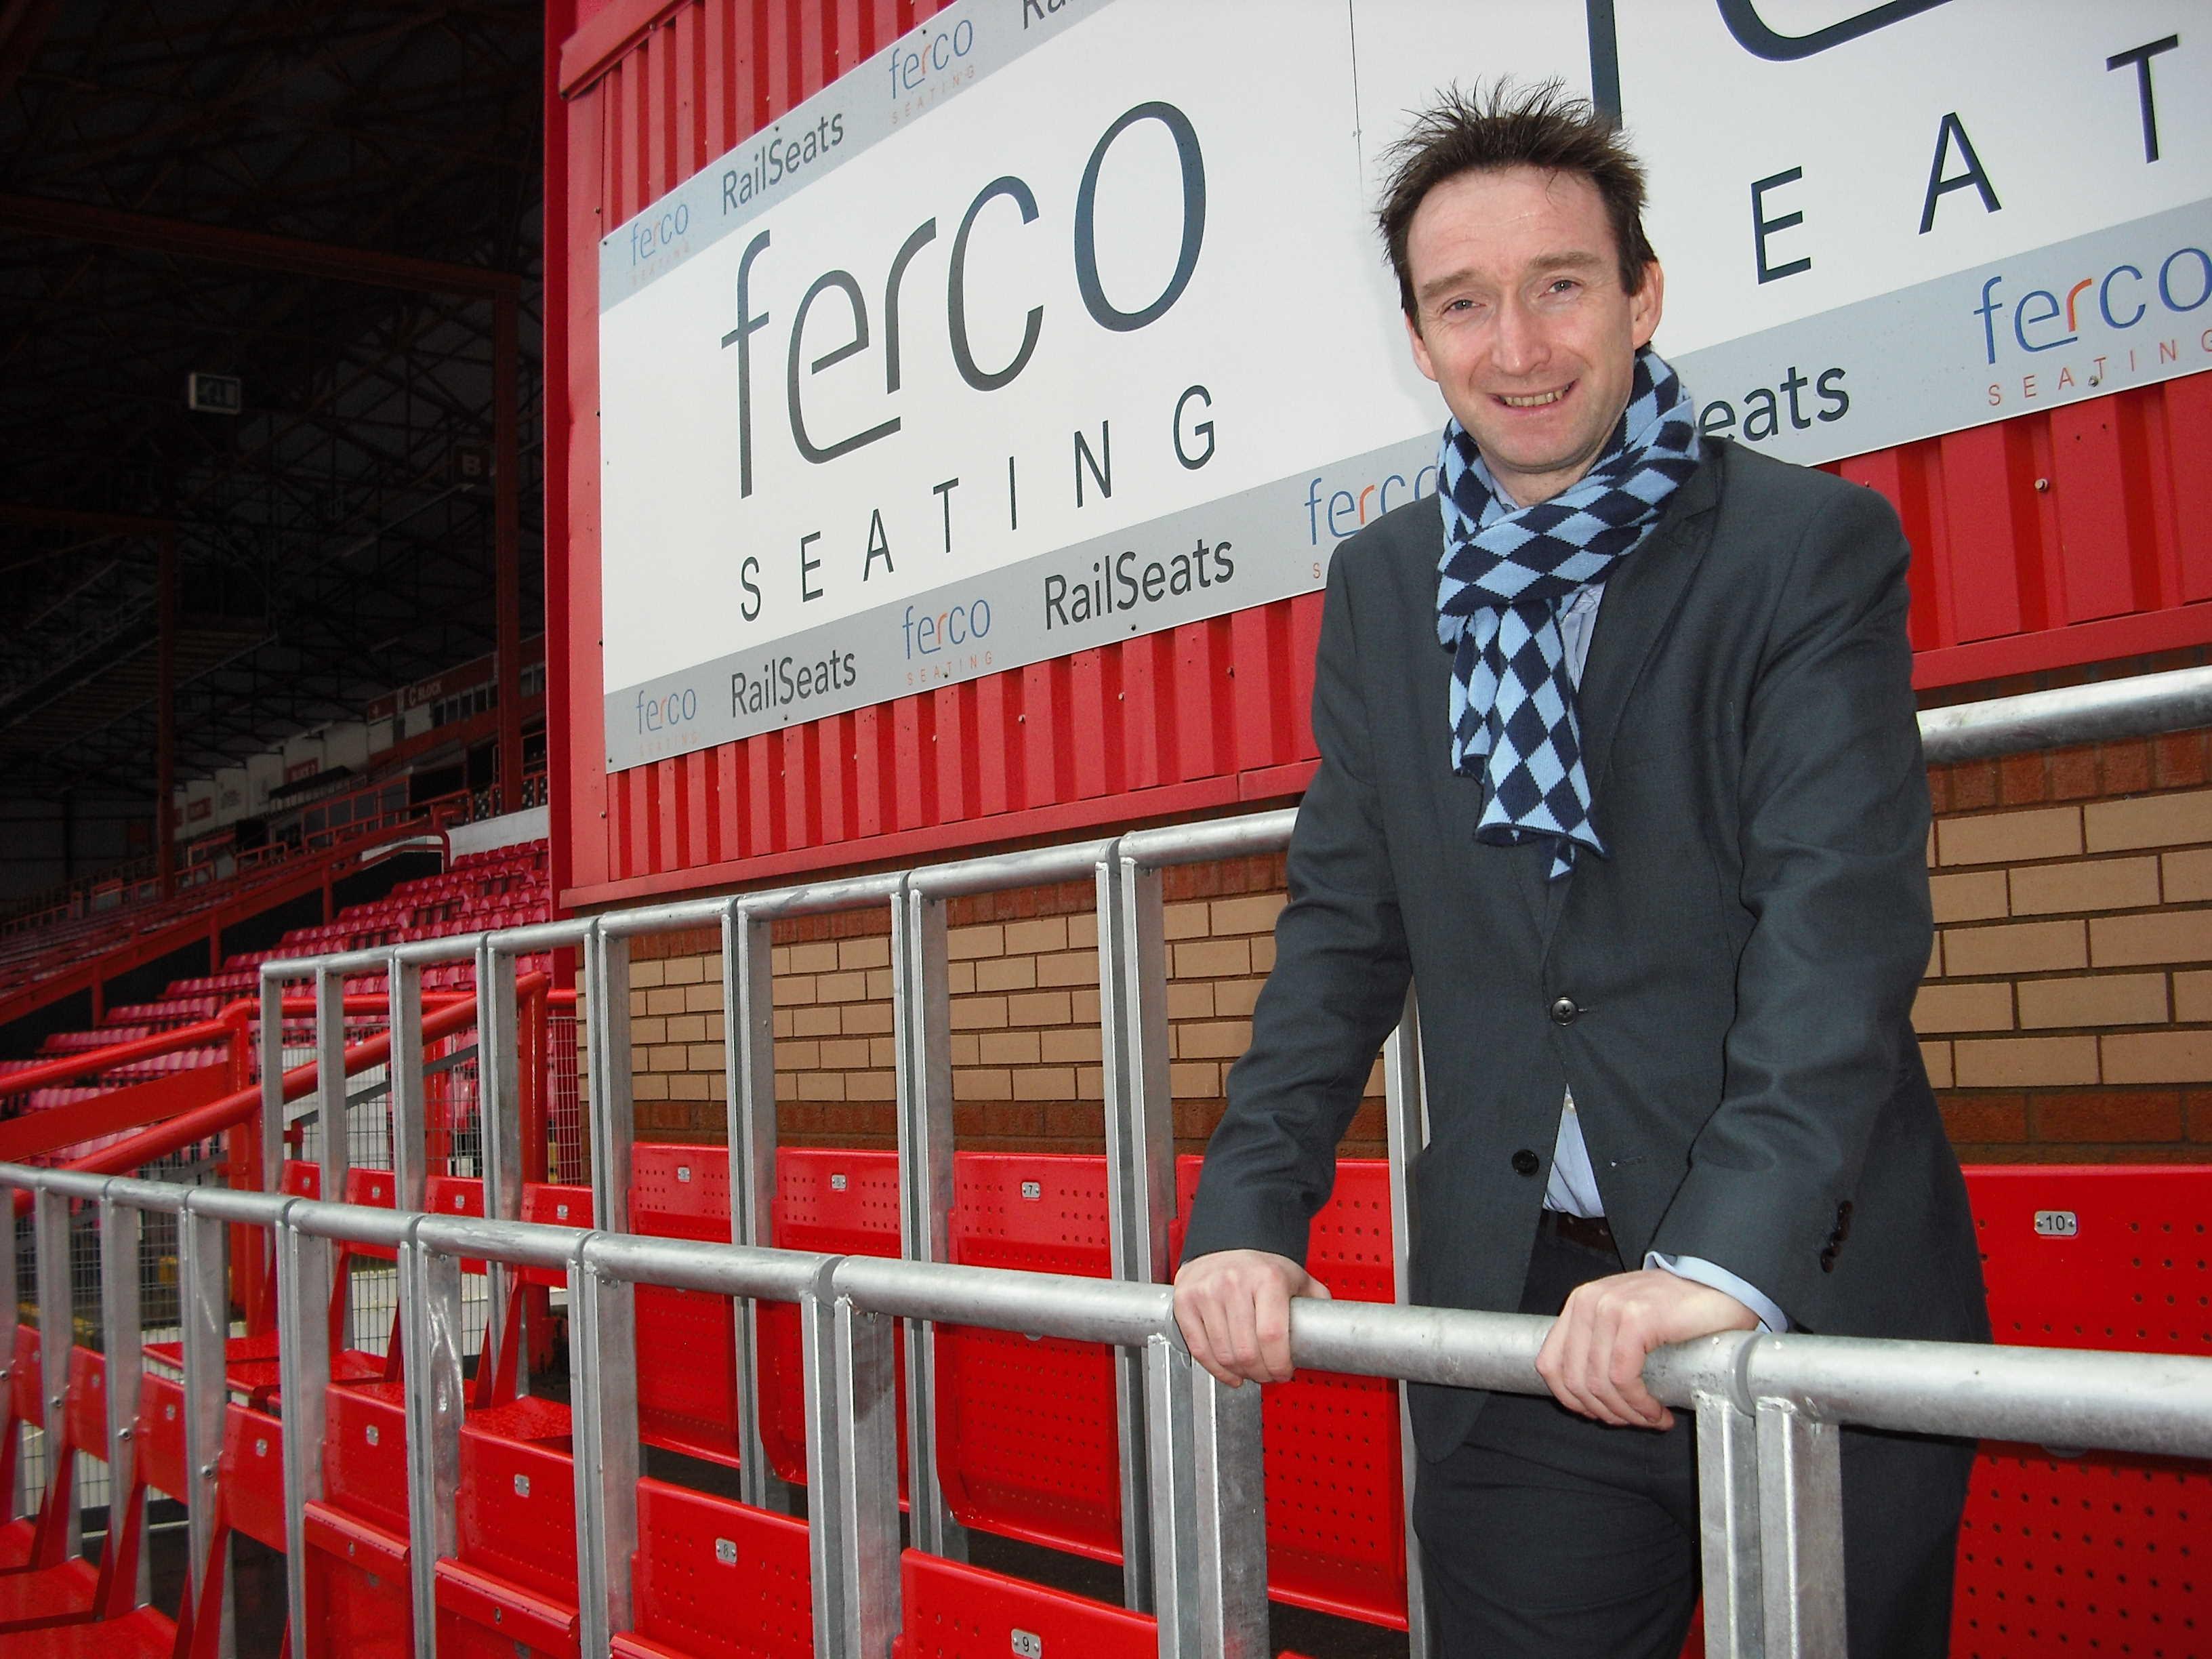 John_Leech_standing_at_rail_seats_1.jpg